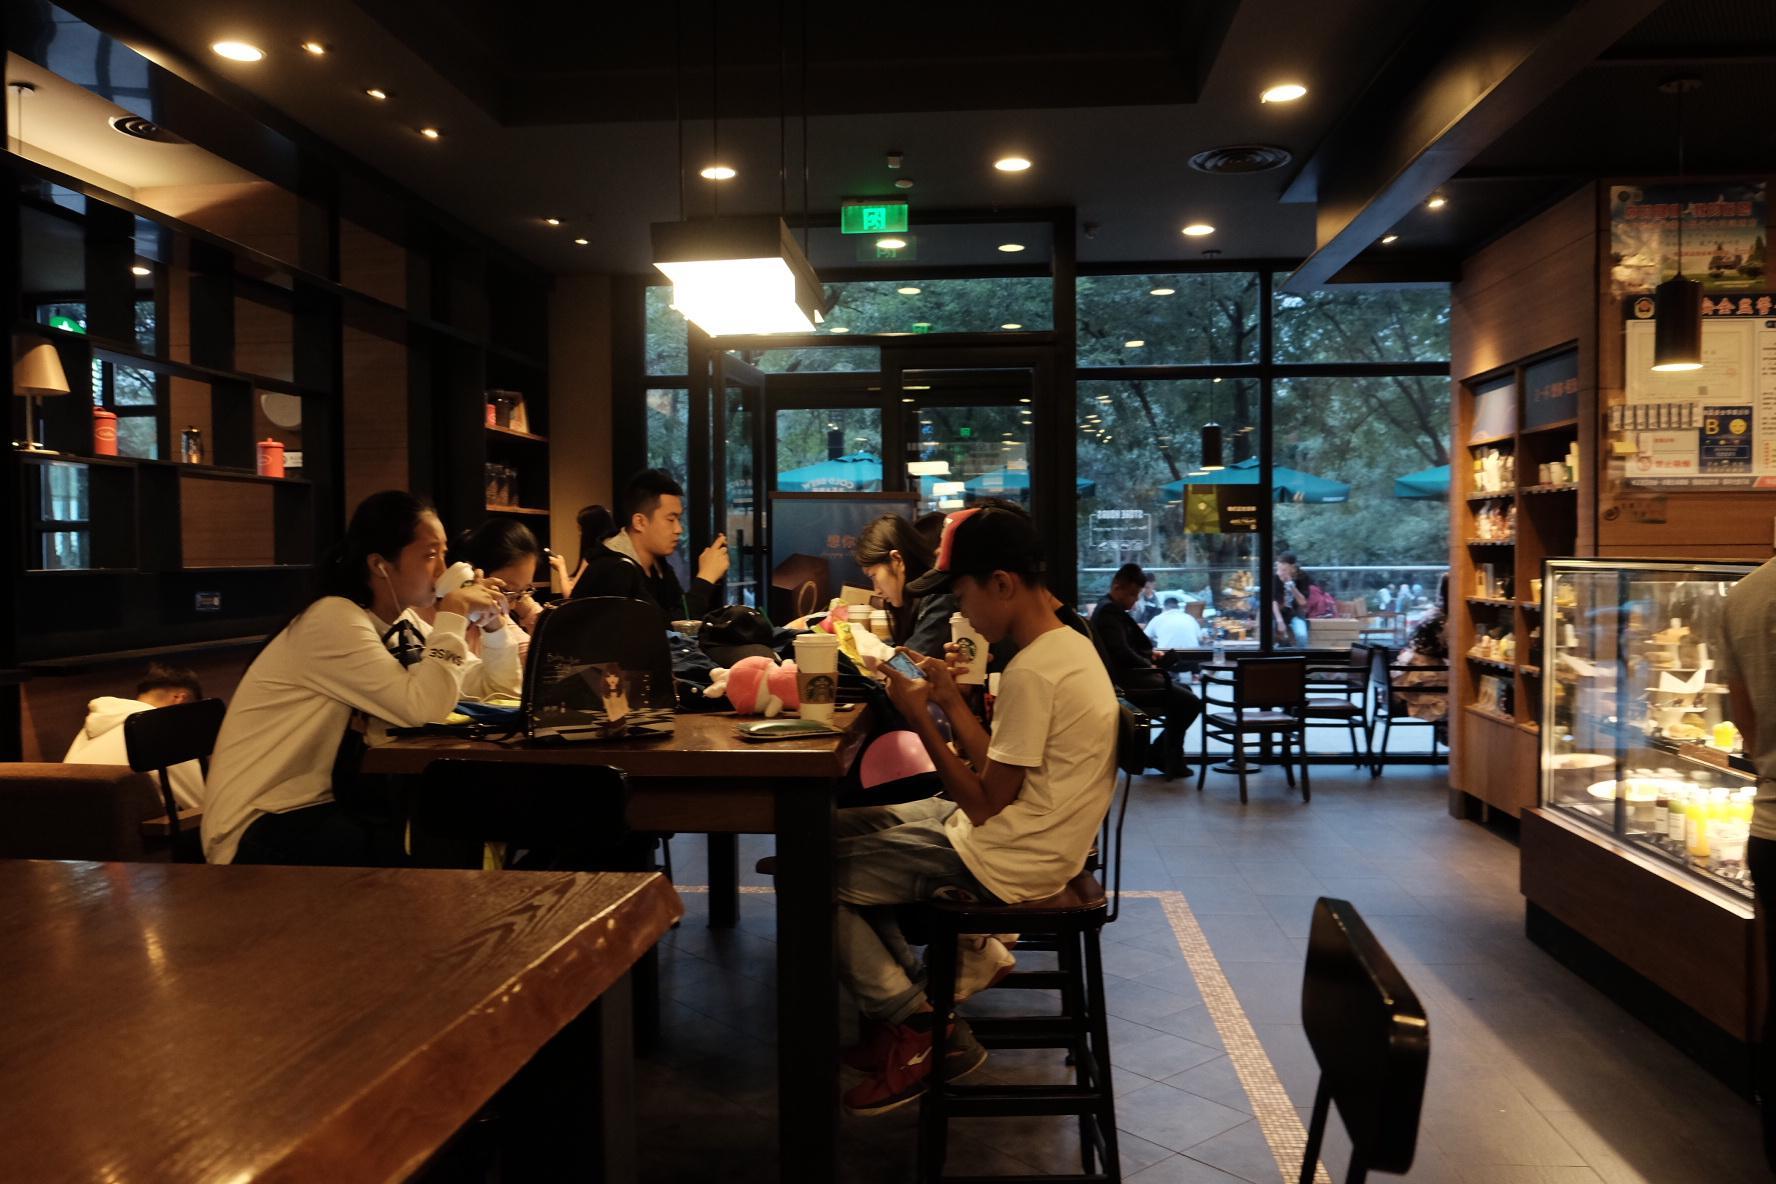 星巴克与太平洋咖啡:商业咖啡界的天梯排位